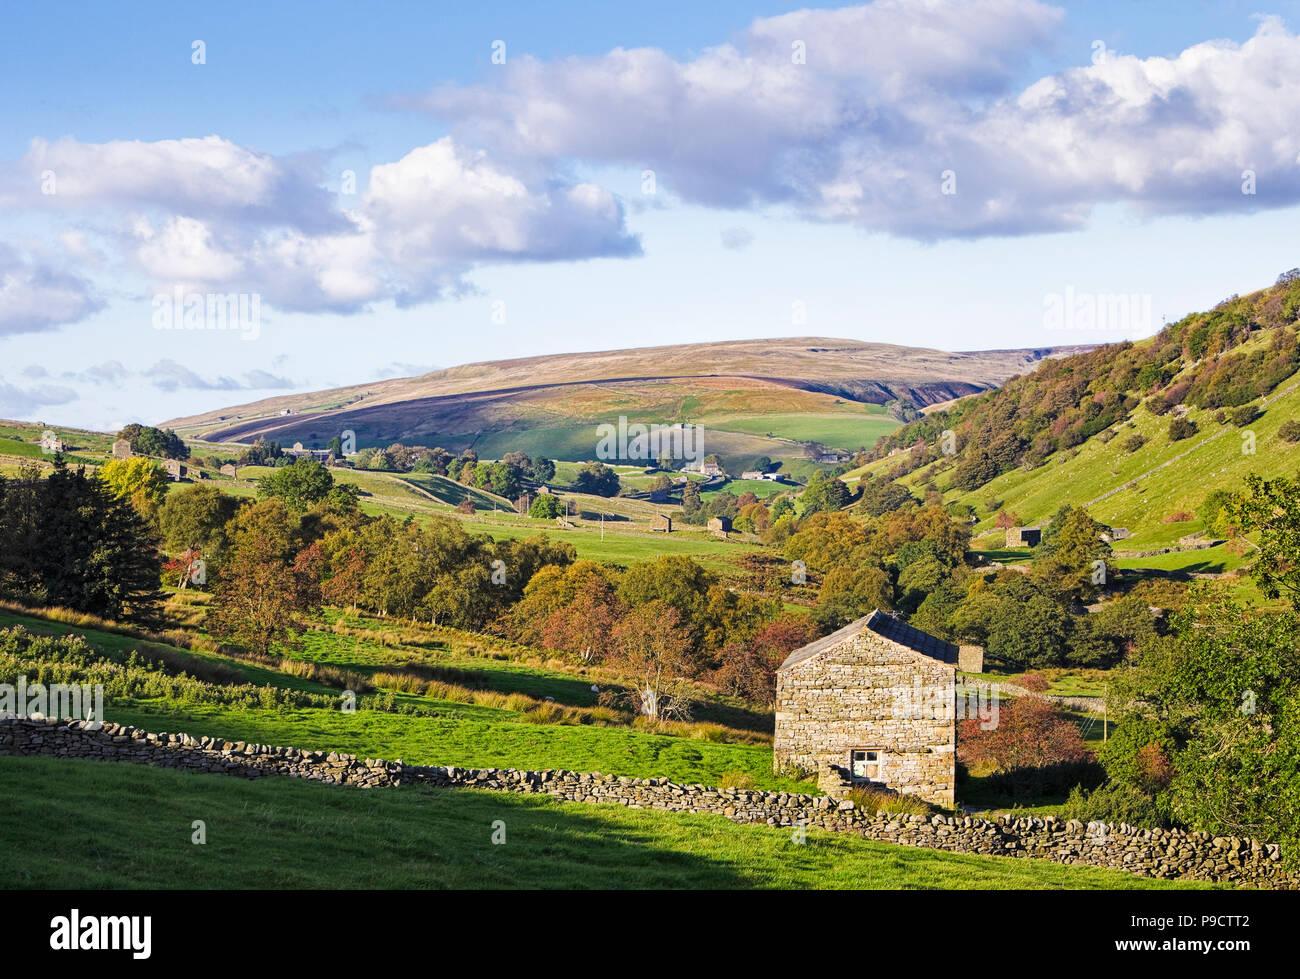 Die schöne englische Landschaft Landschaft von swaledale in den Yorkshire Dales National Park, England Großbritannien Stockfoto